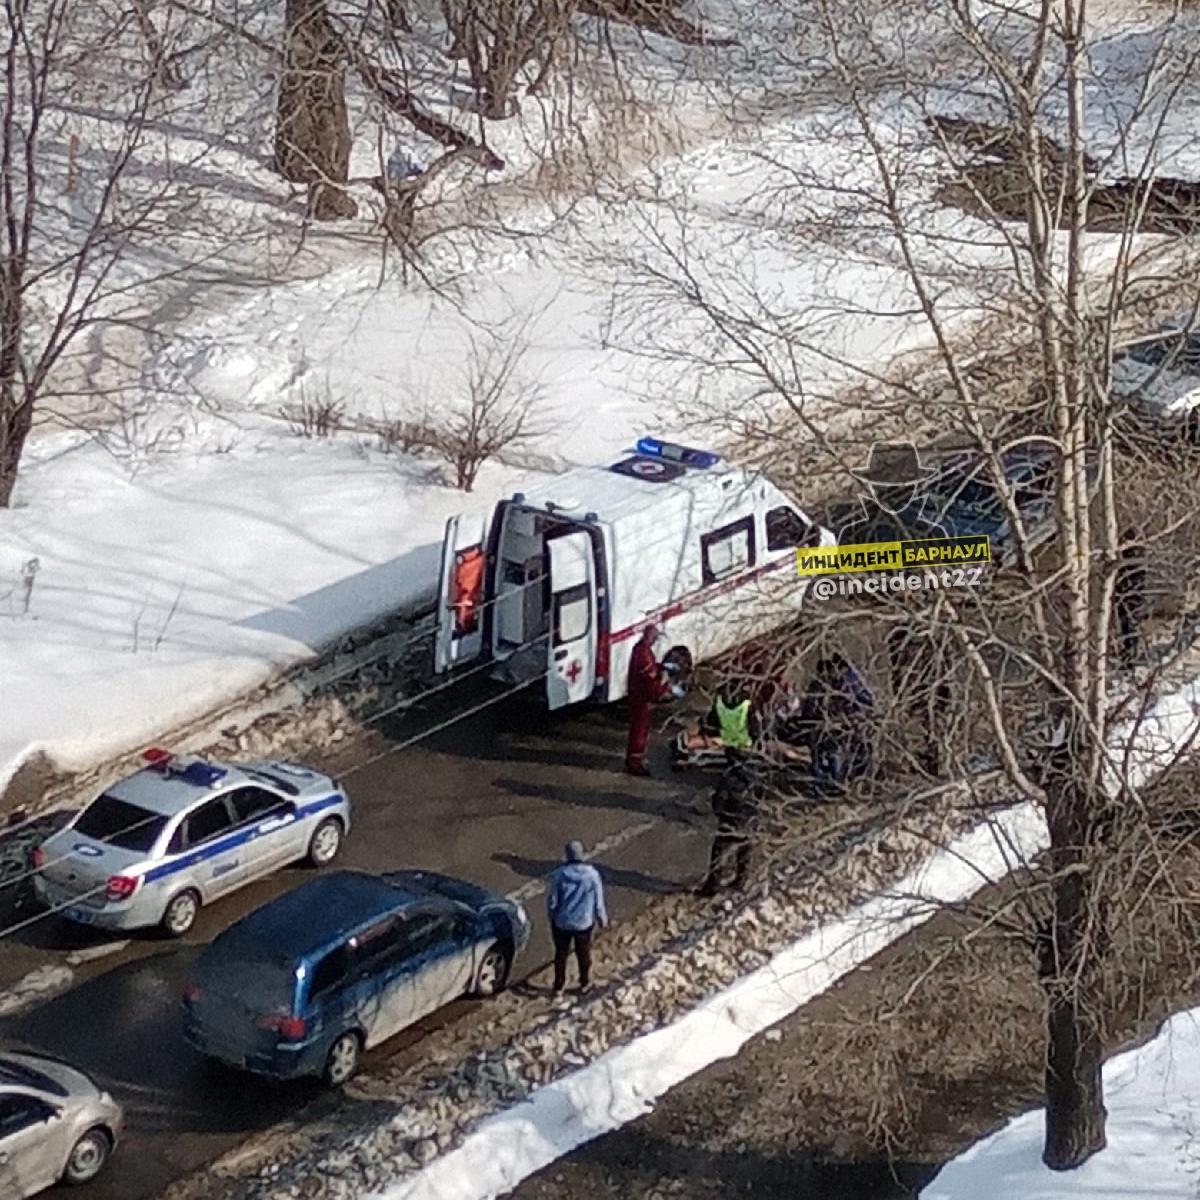 В Барнауле молодой водитель Toyota Chaser сбил перебегавшую дорогу пожилую женщину